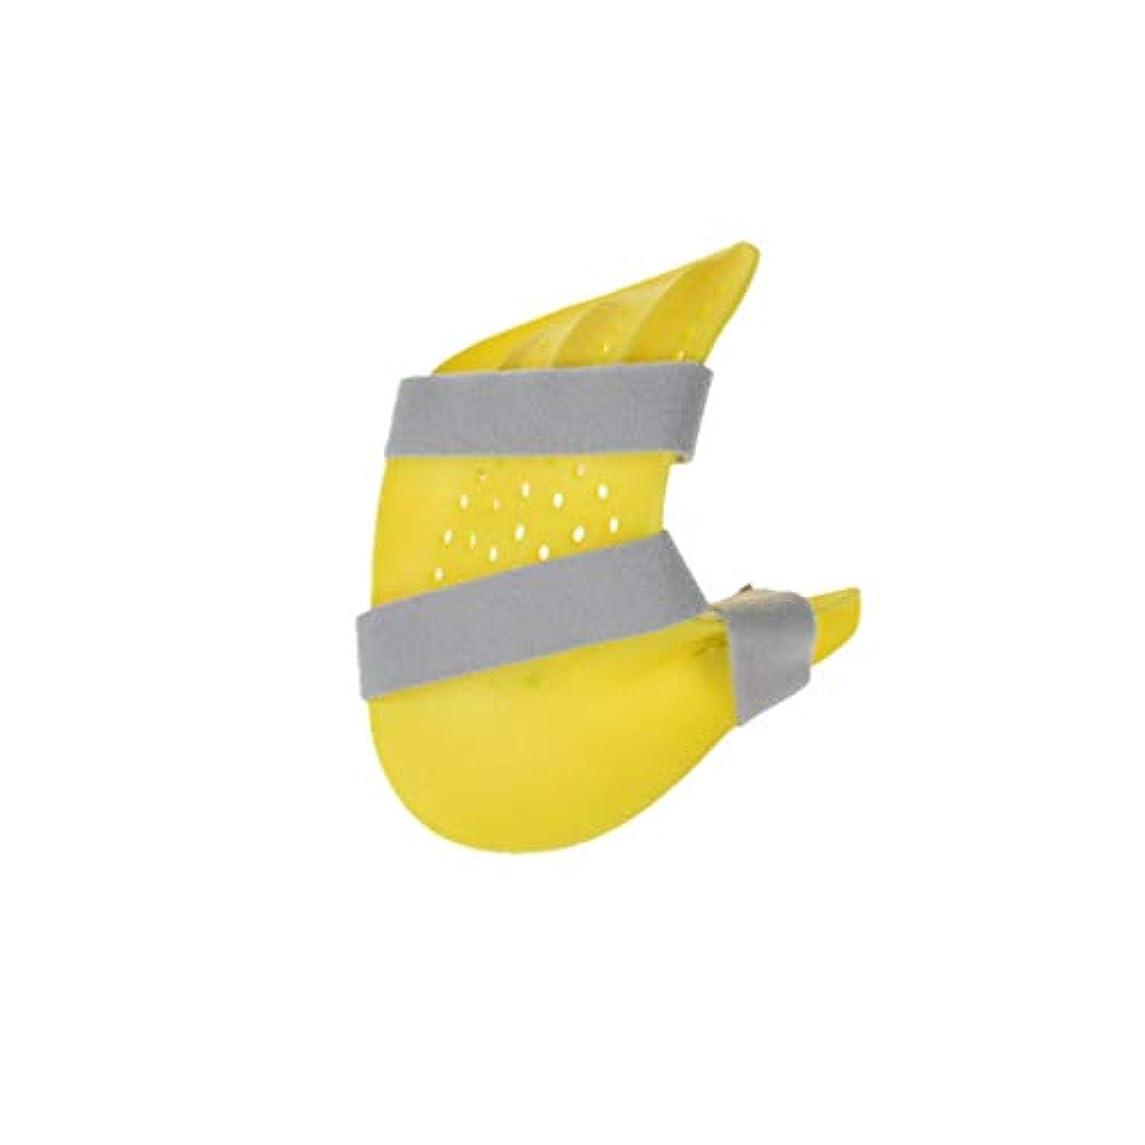 市民権時計回り助けになるHealifty 指装具指板ストローク片麻痺指セパレーター装具ポイント脳卒中片麻痺のための副木外傷性脳損傷(左手、黄色)